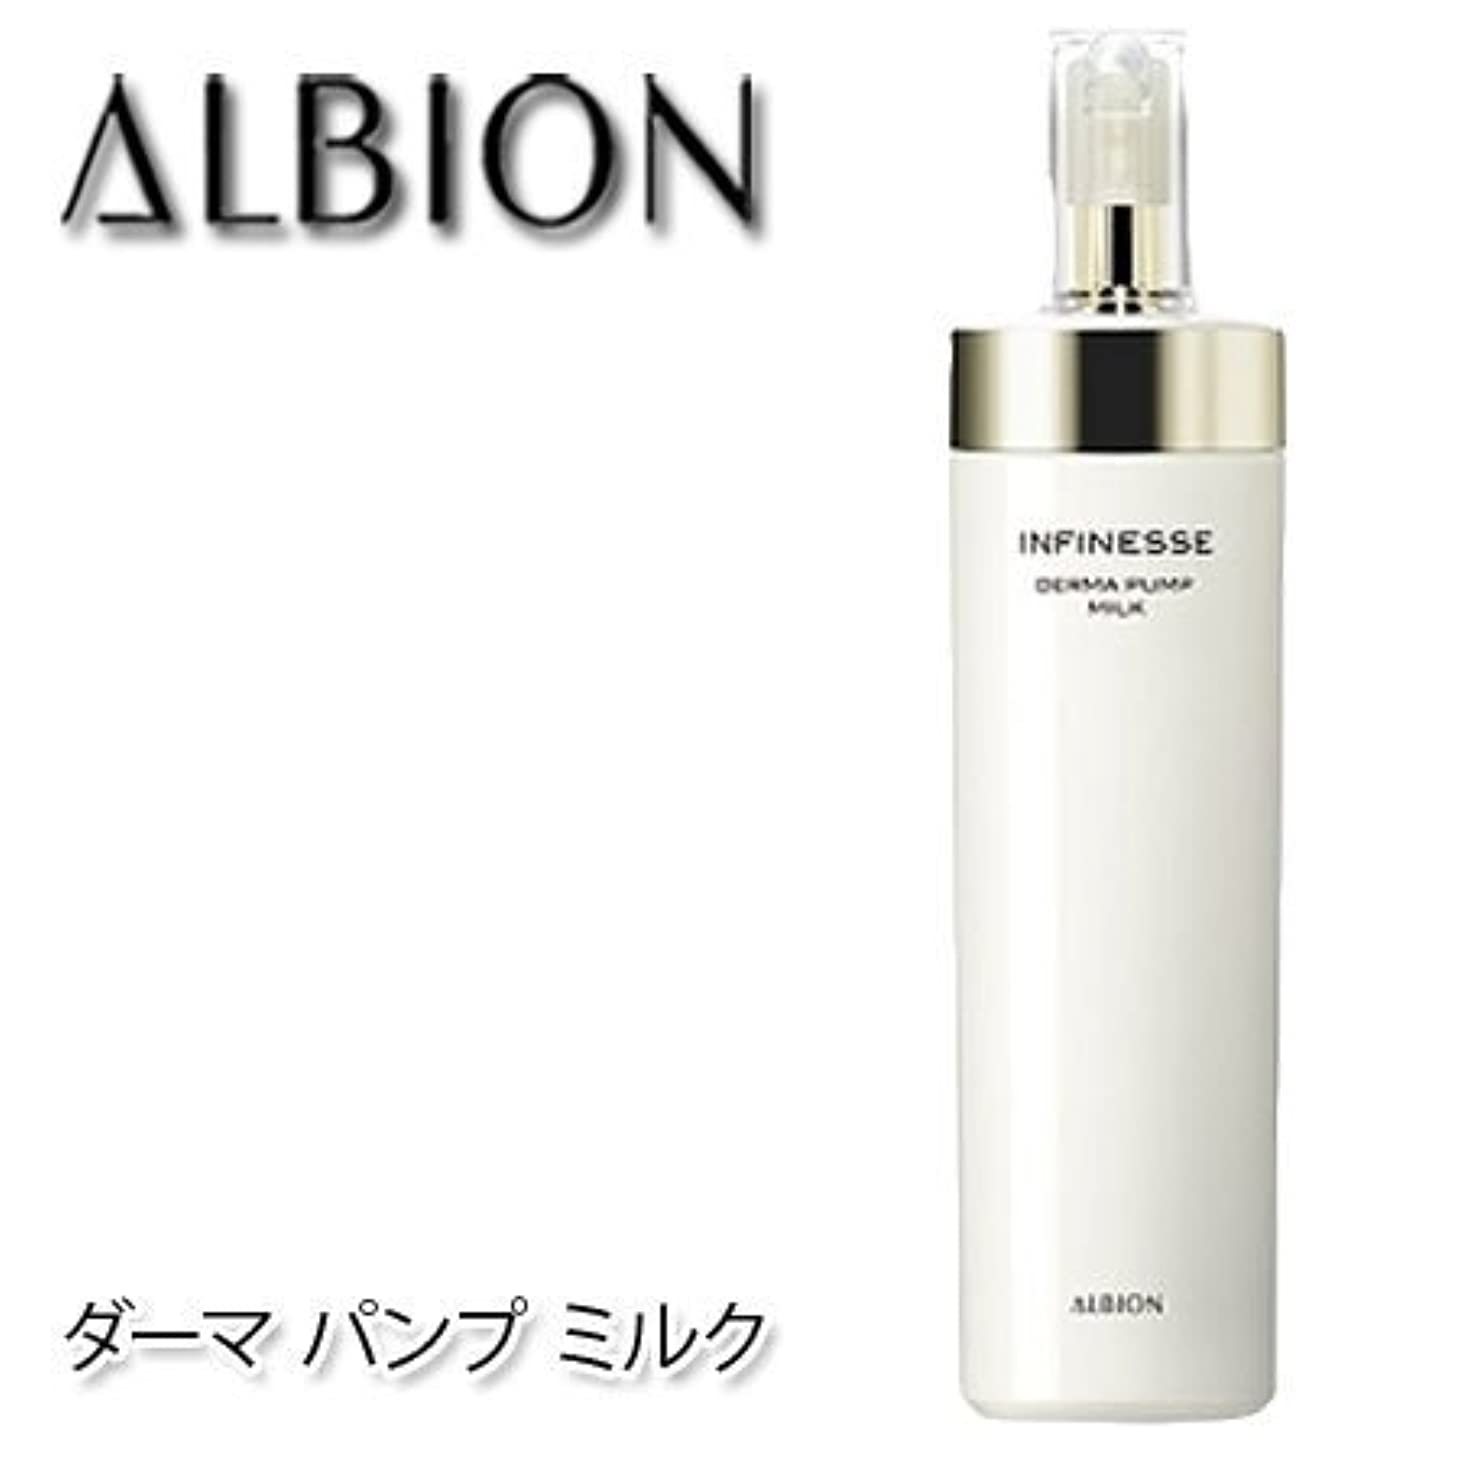 死傷者超えるカウントアルビオン アンフィネス ダーマ パンプ ミルク 200g-ALBION-